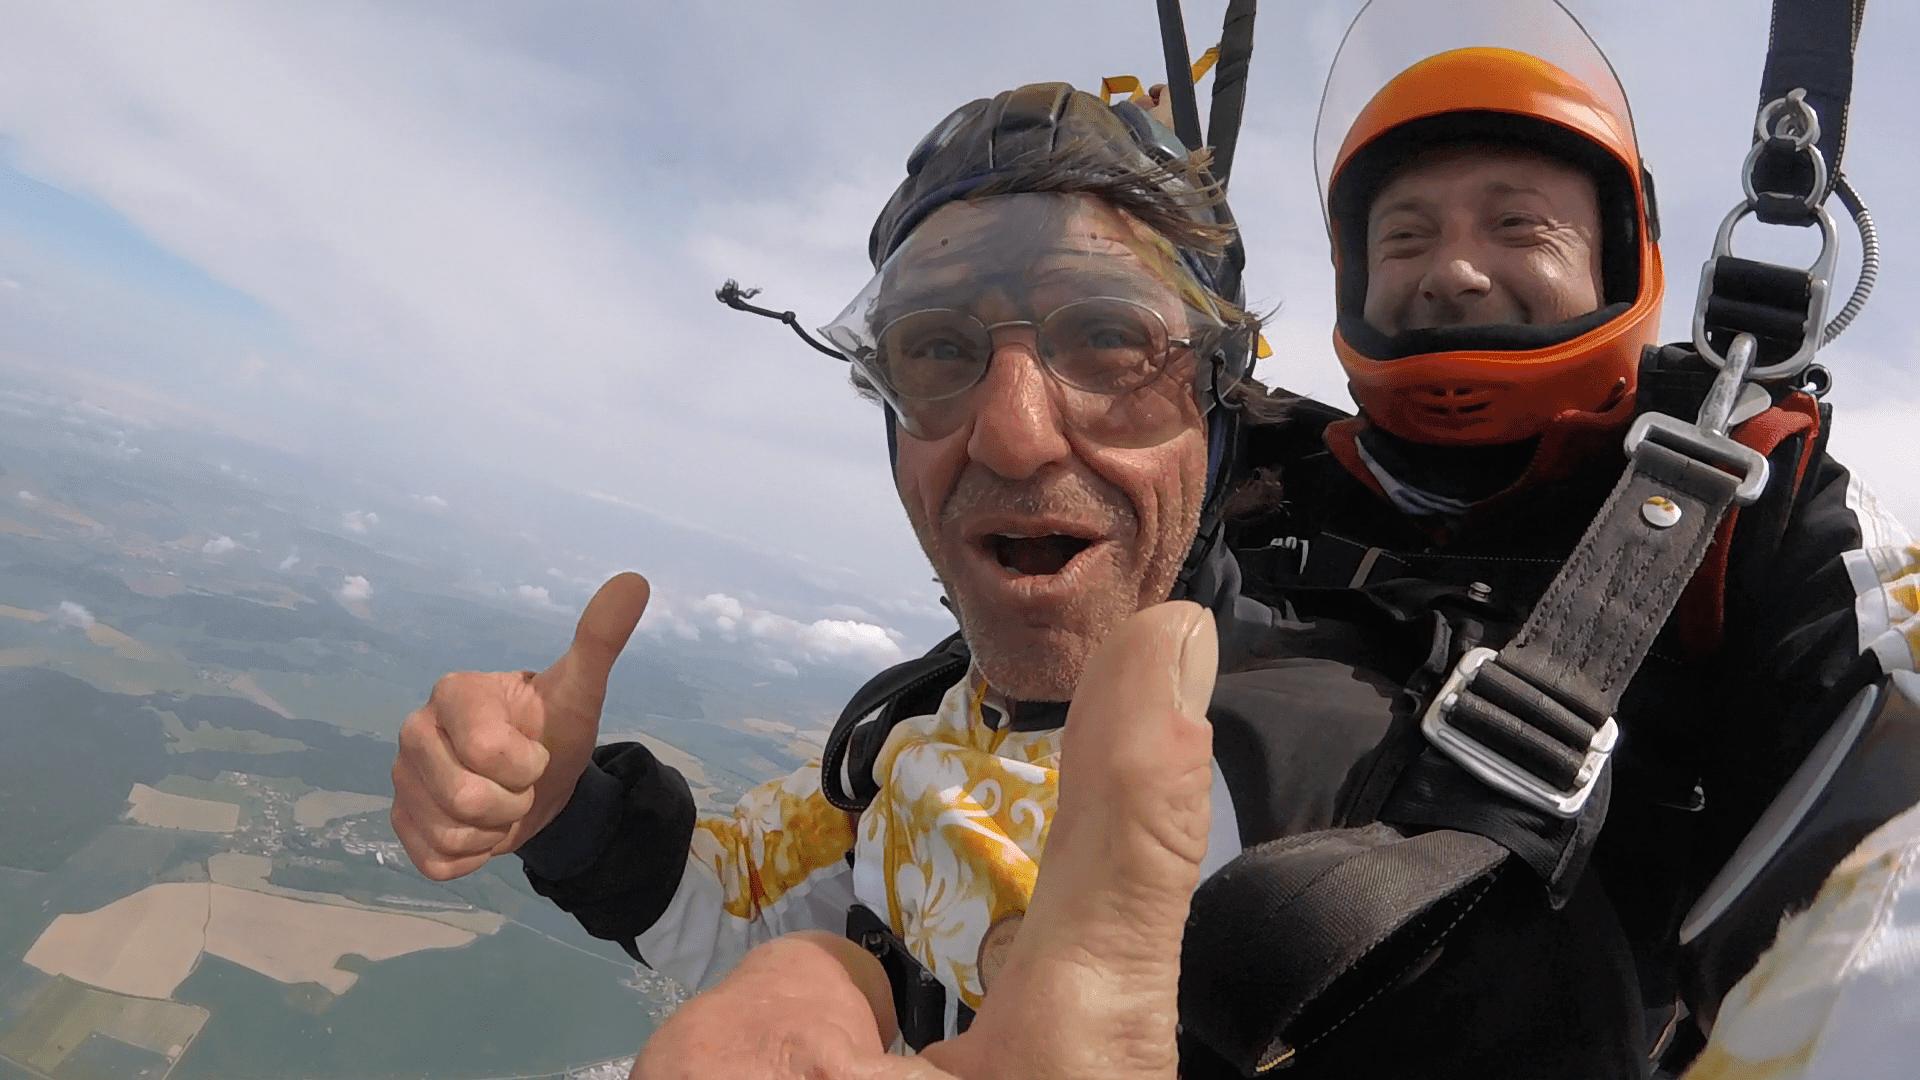 6000 Meter Fallschirmsprung Klatovy nach der Schirmöffnung